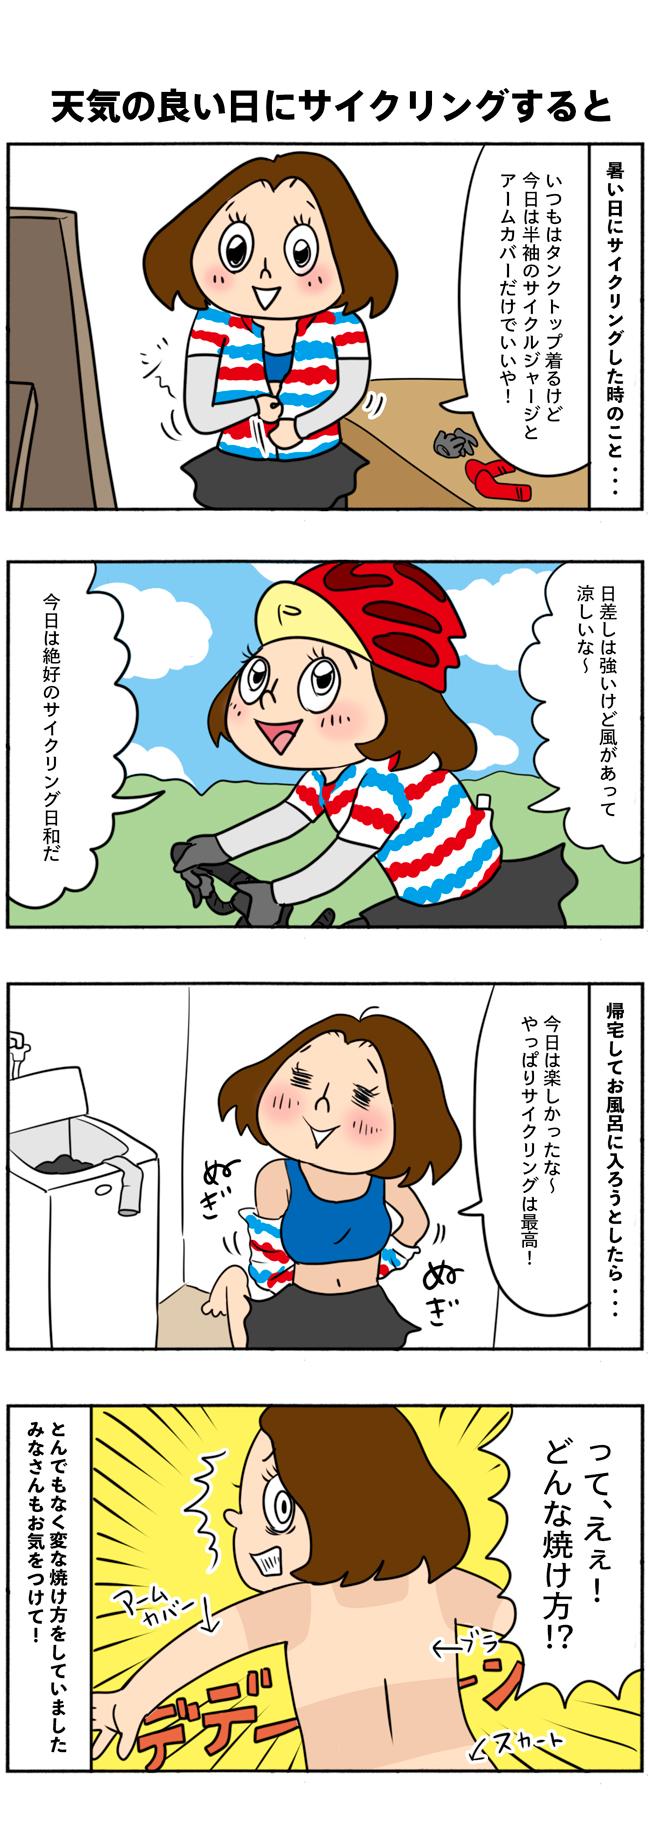 【四コマ漫画】天気の良い日にサイクリングは油断禁物!!まさかの事態発生です。